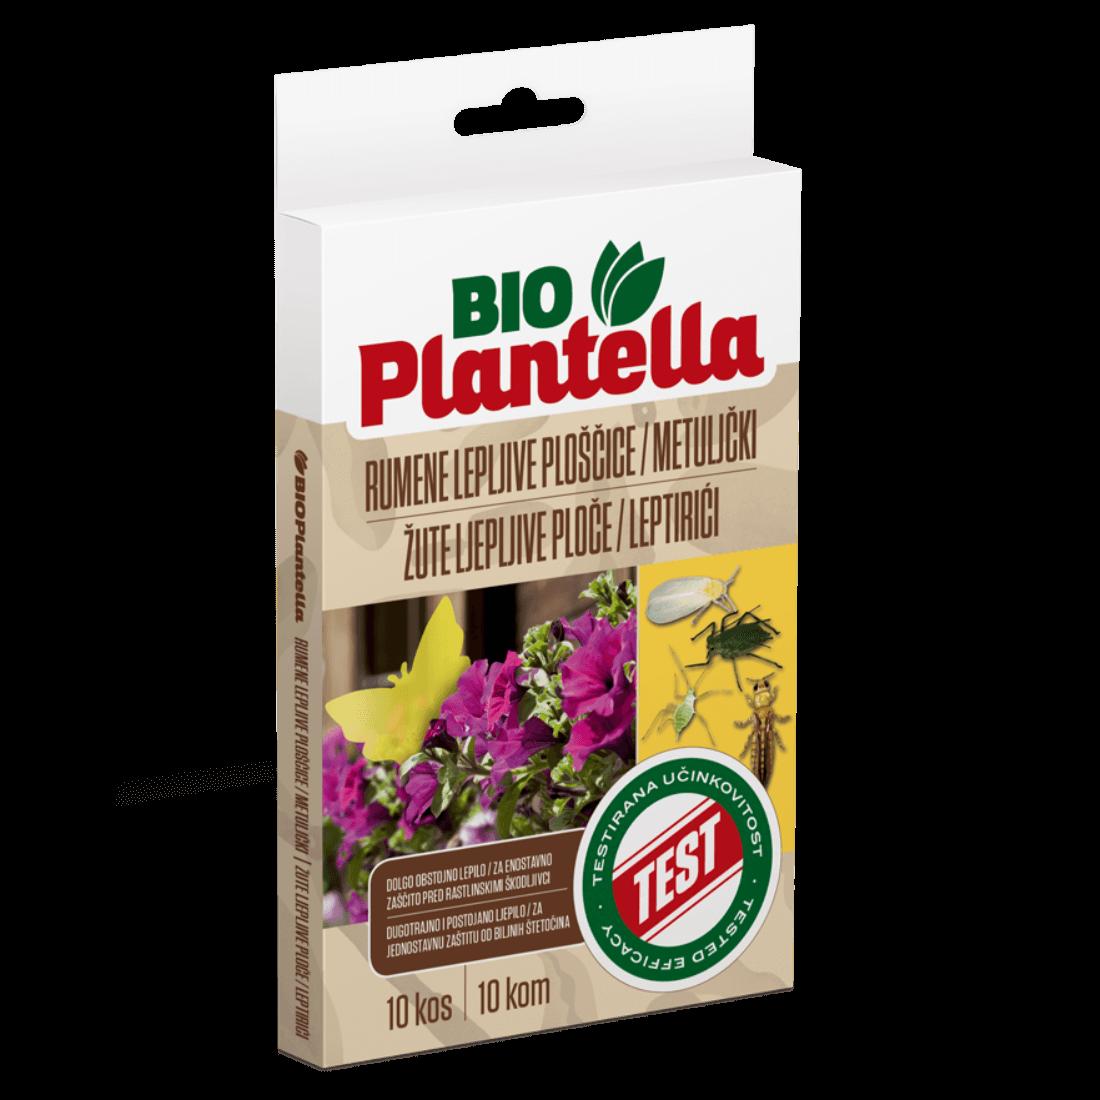 Bio-Plantella_Rumene-lepljive-plosce-metuljcki_10kom_SI-HR